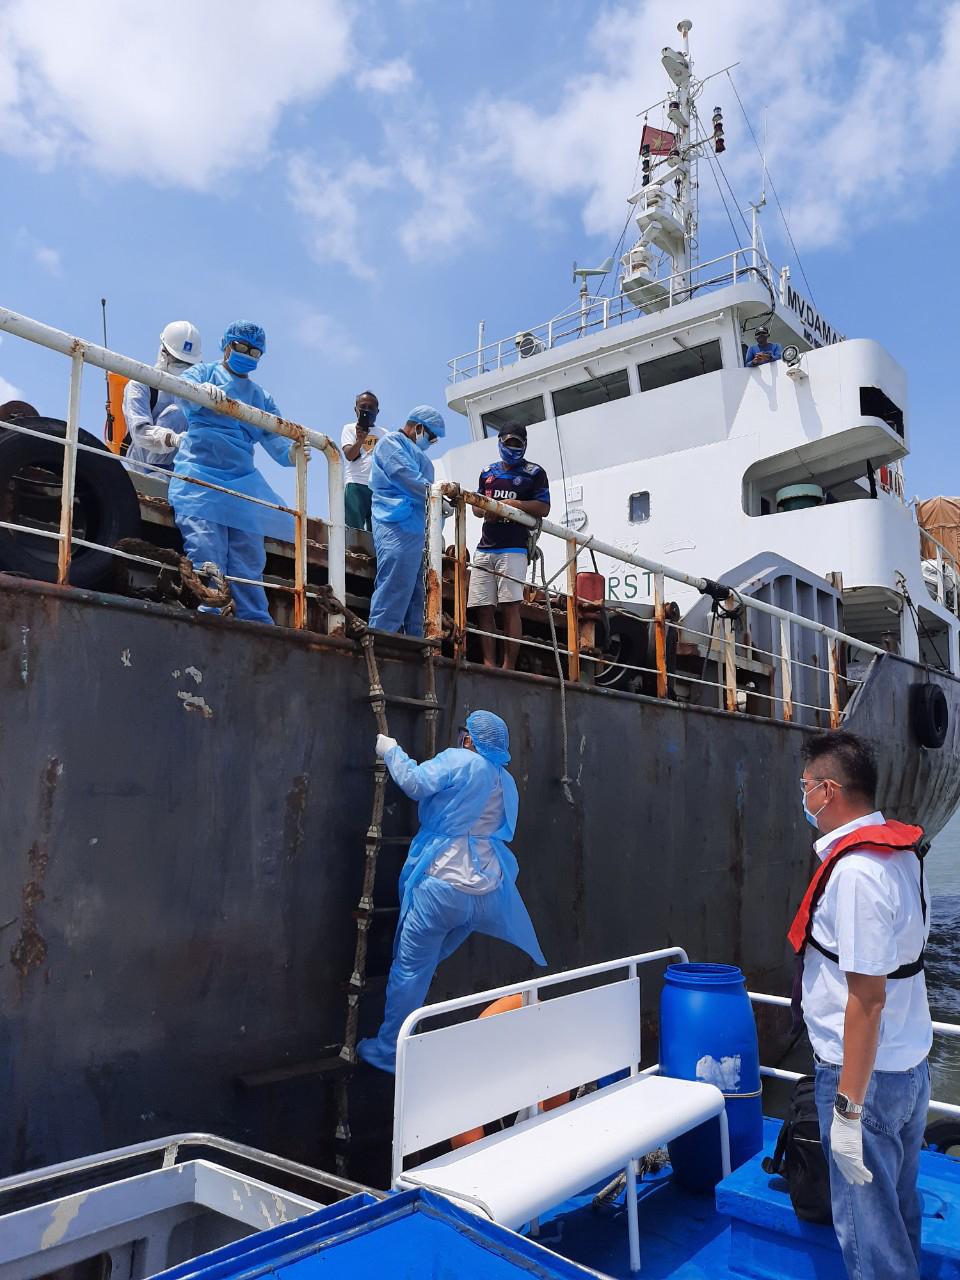 Lấy mẫu xét nghiệm COVID-19 cho thuyền viên cập cảng tại TPHCM